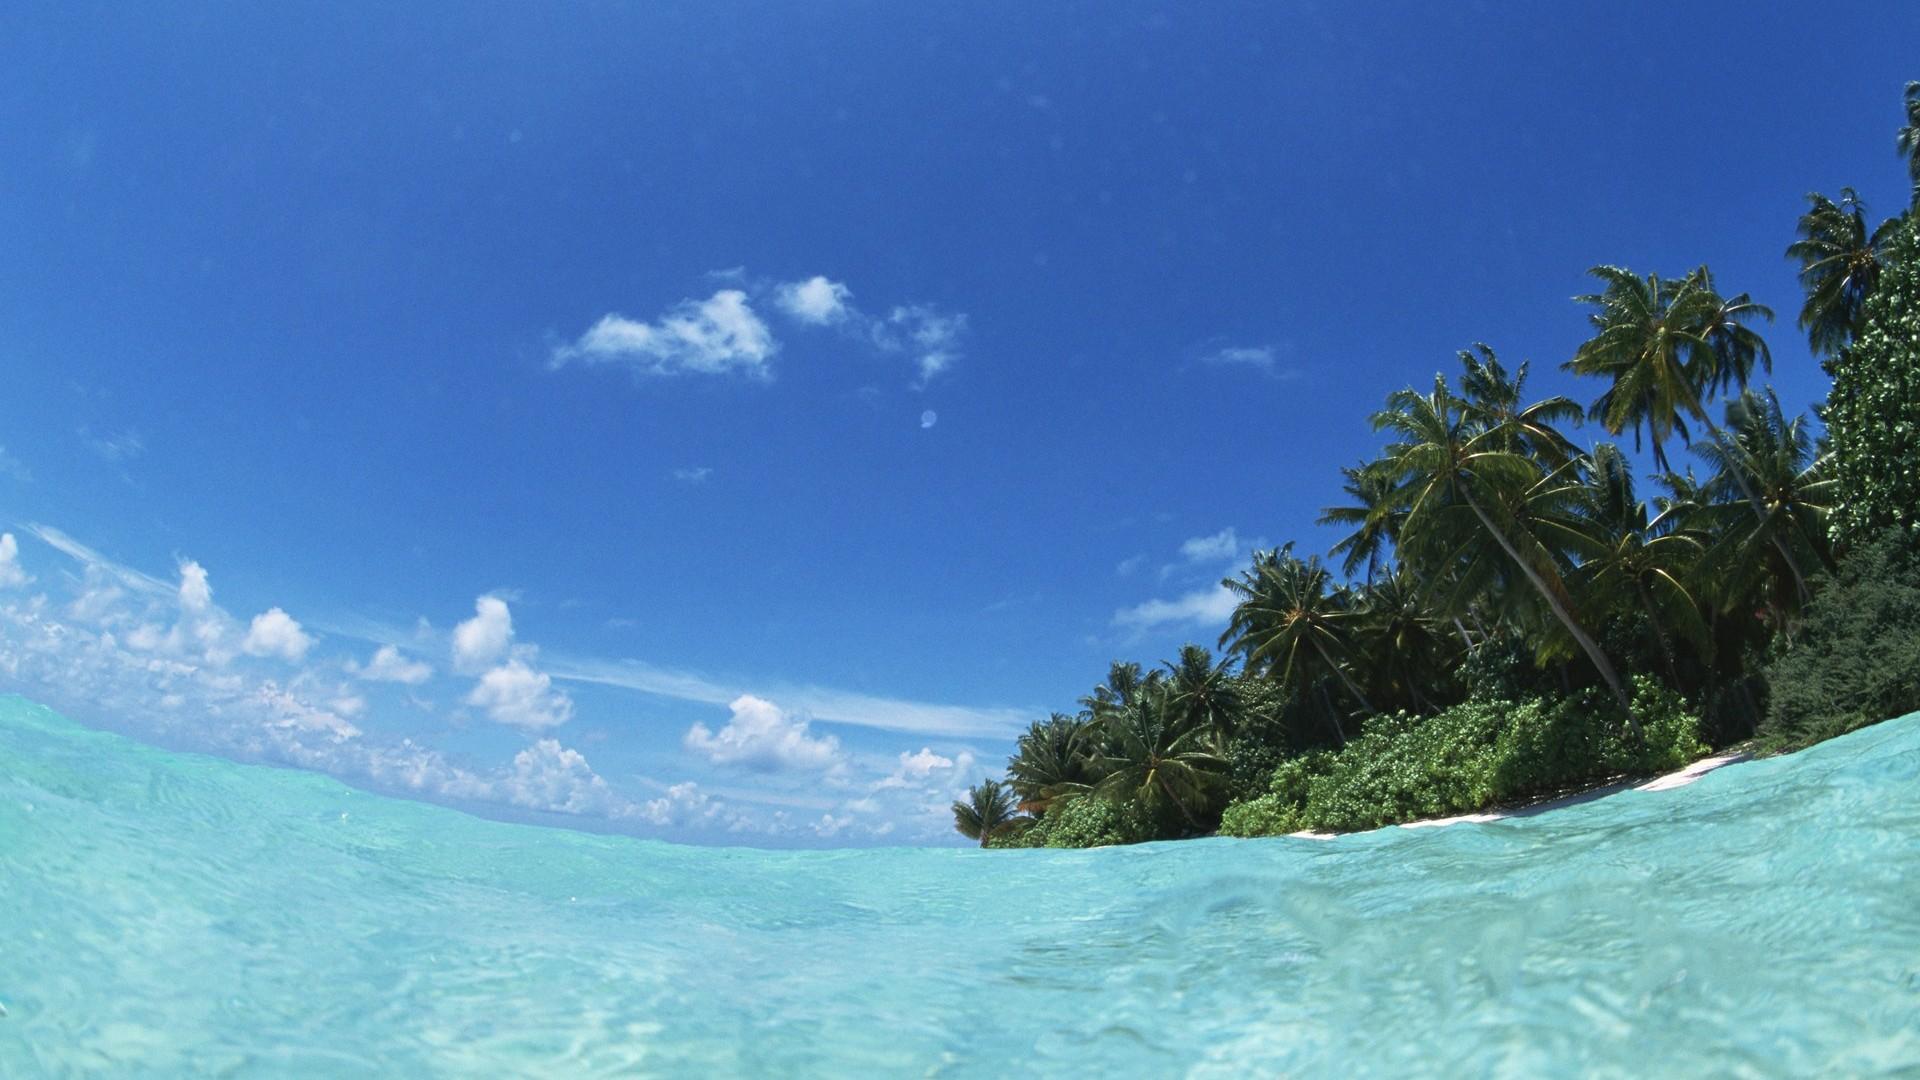 Maldivas agua y el cielo azul 7 1920x1080 fondos de for Hoteles en el agua maldivas